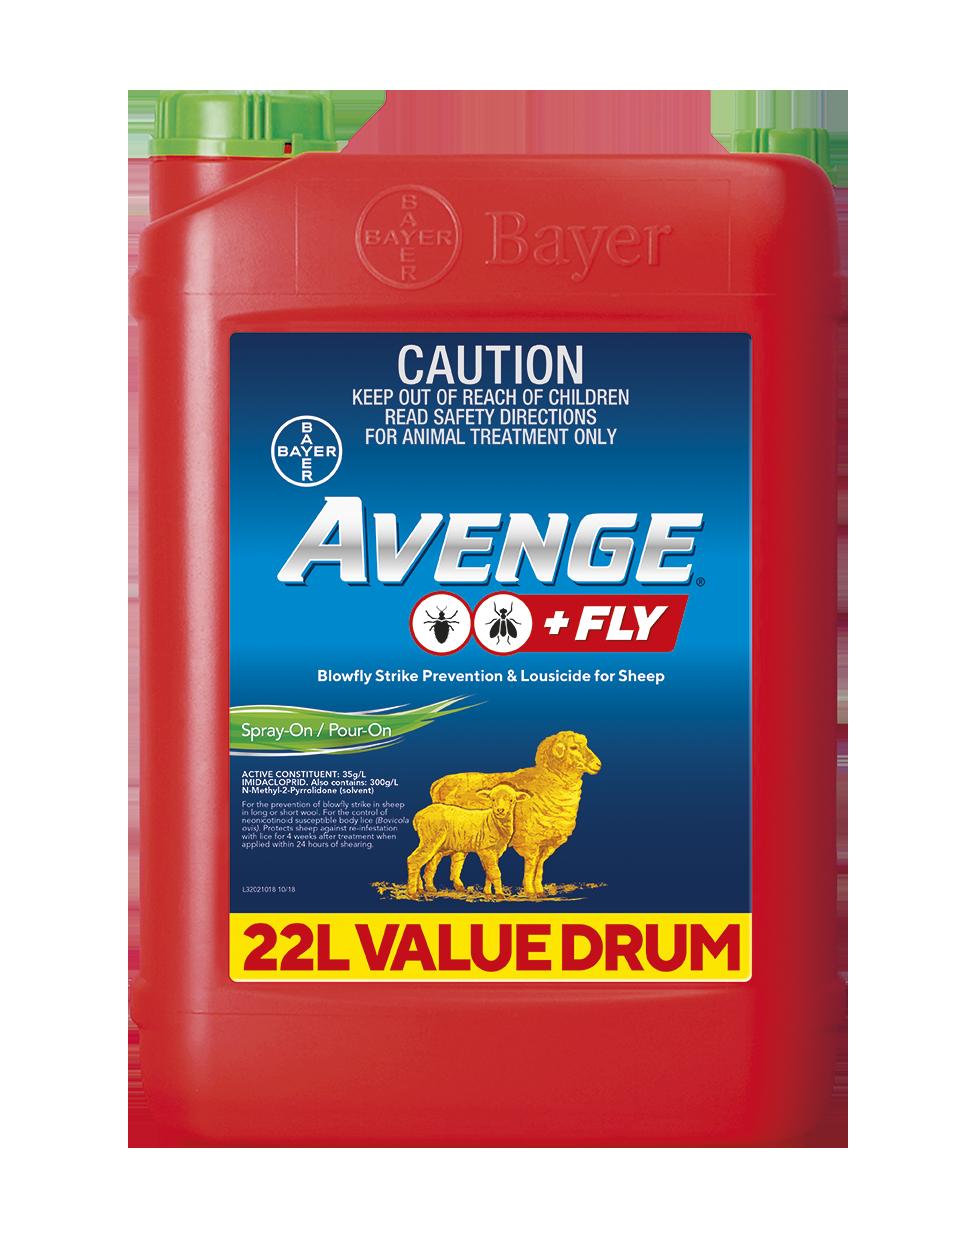 Avenge + Fly